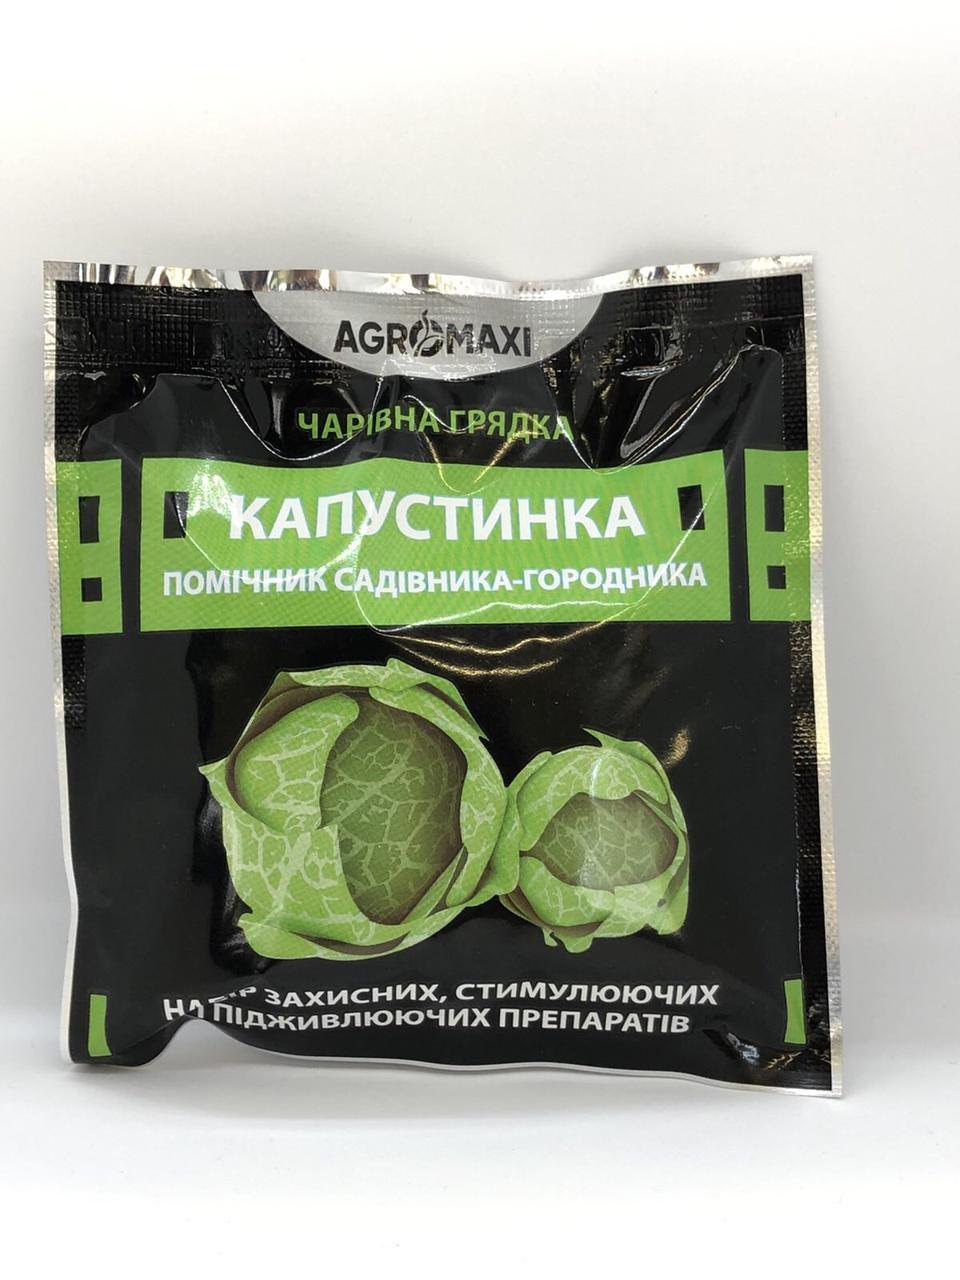 Фунгицид Капустинка 40 г Агромакси (лучшая цена купить оптом и в розницу)